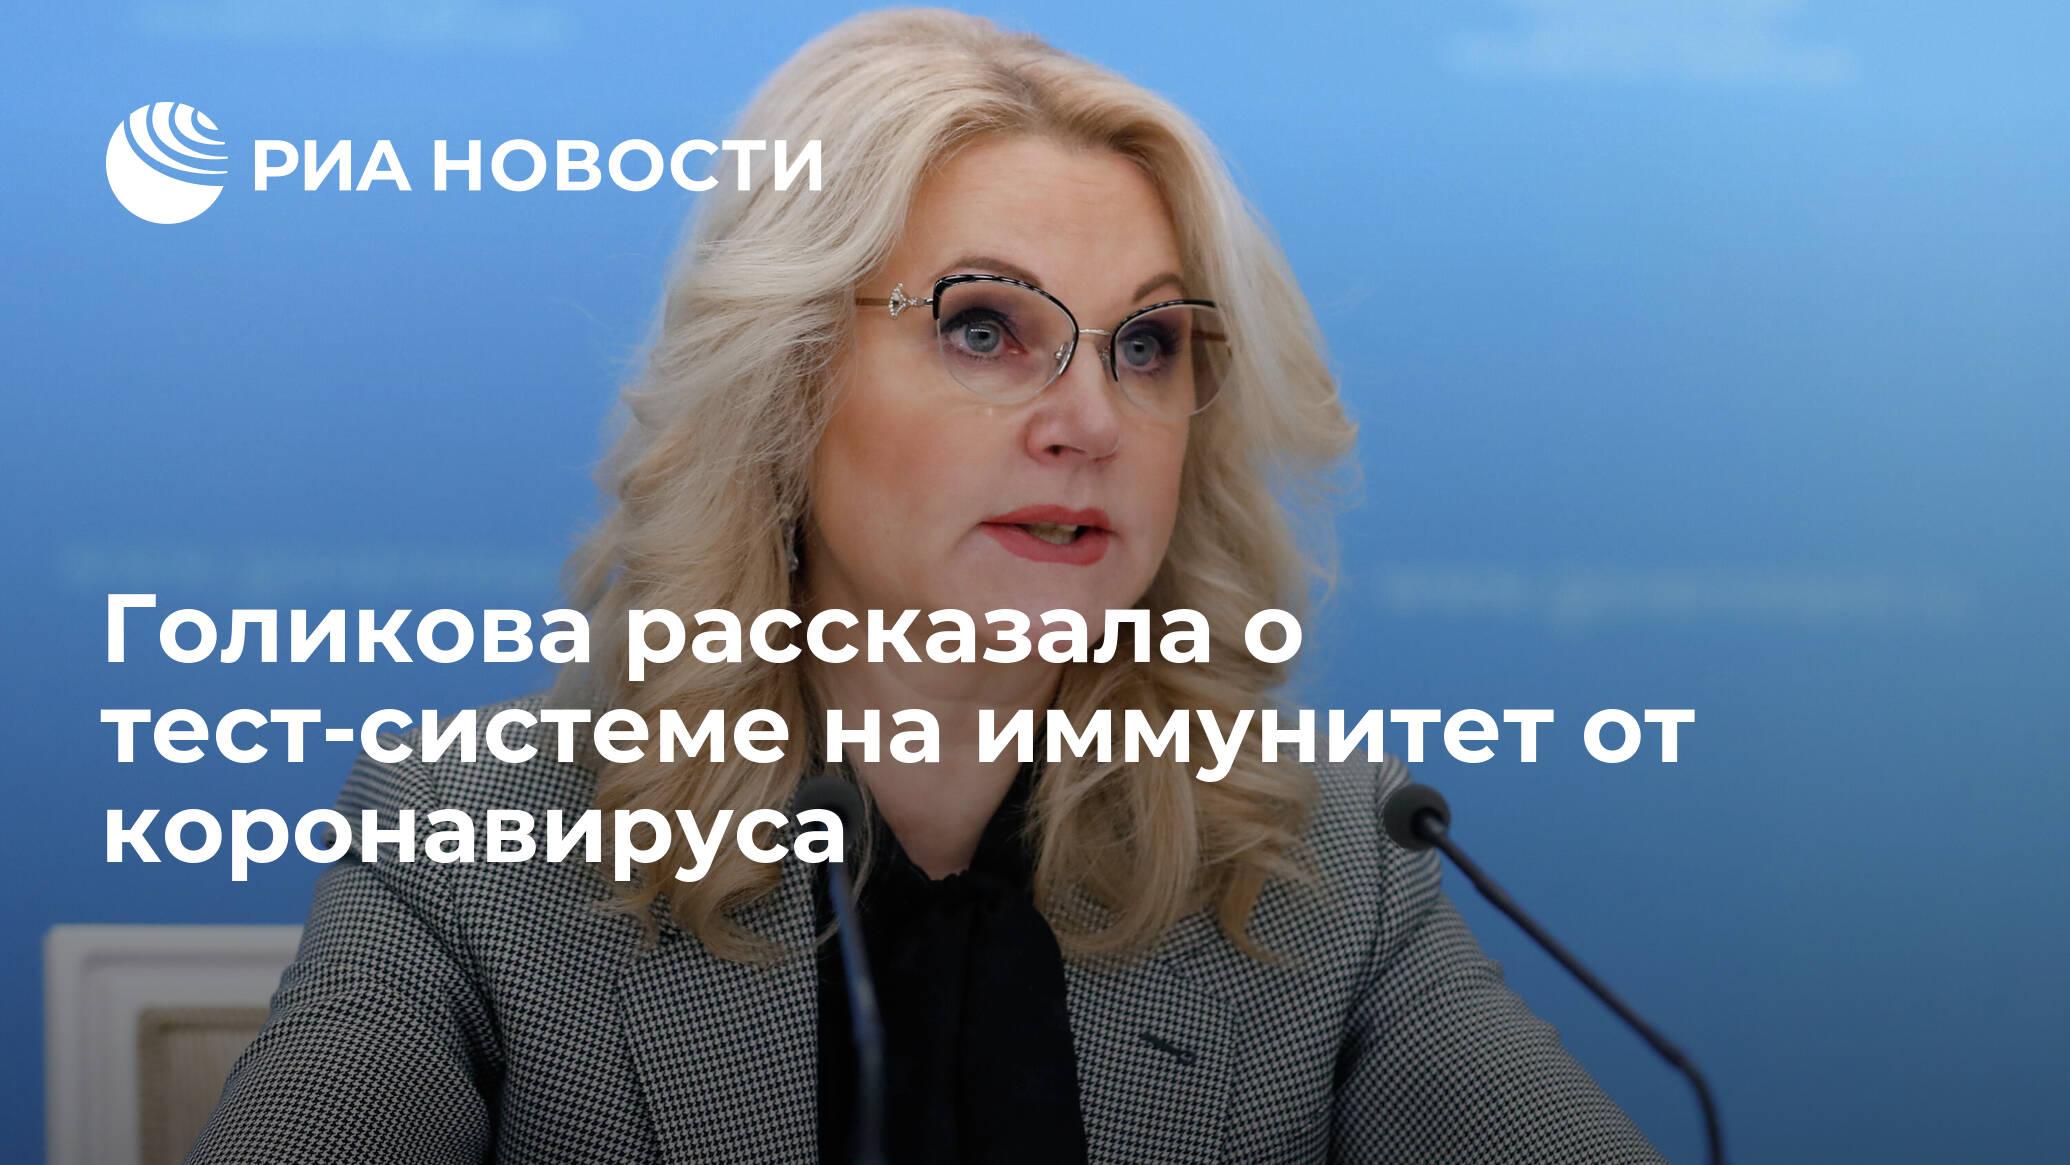 Голикова рассказала о тест-системе на иммунитет от коронавируса